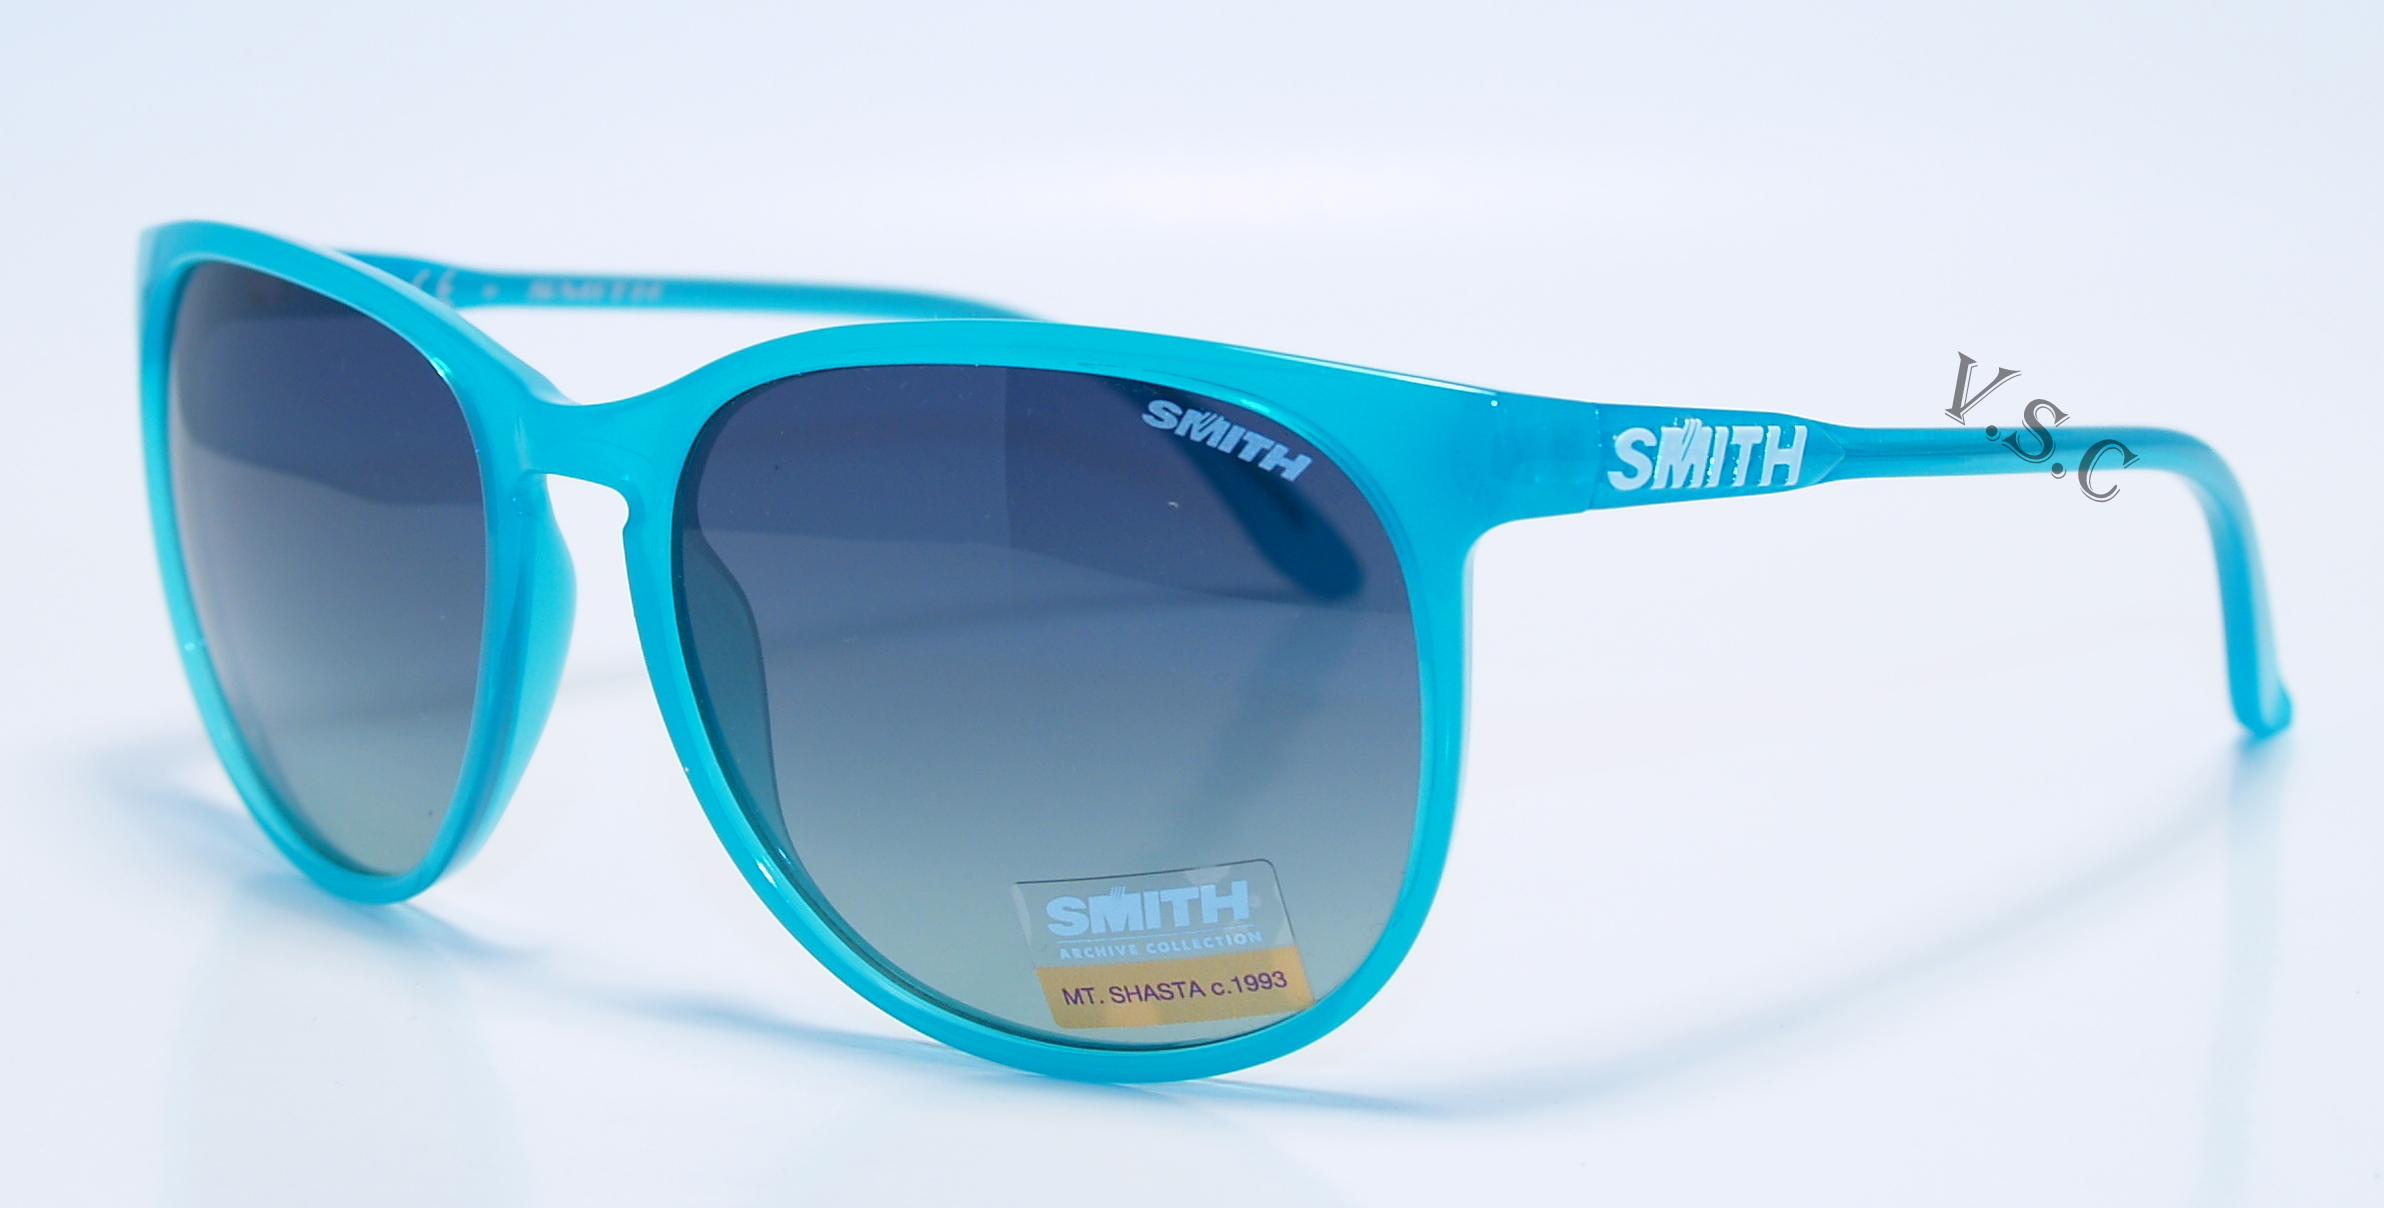 6c1912829d4 Smith Optics MT. SHASTA Sunglasses